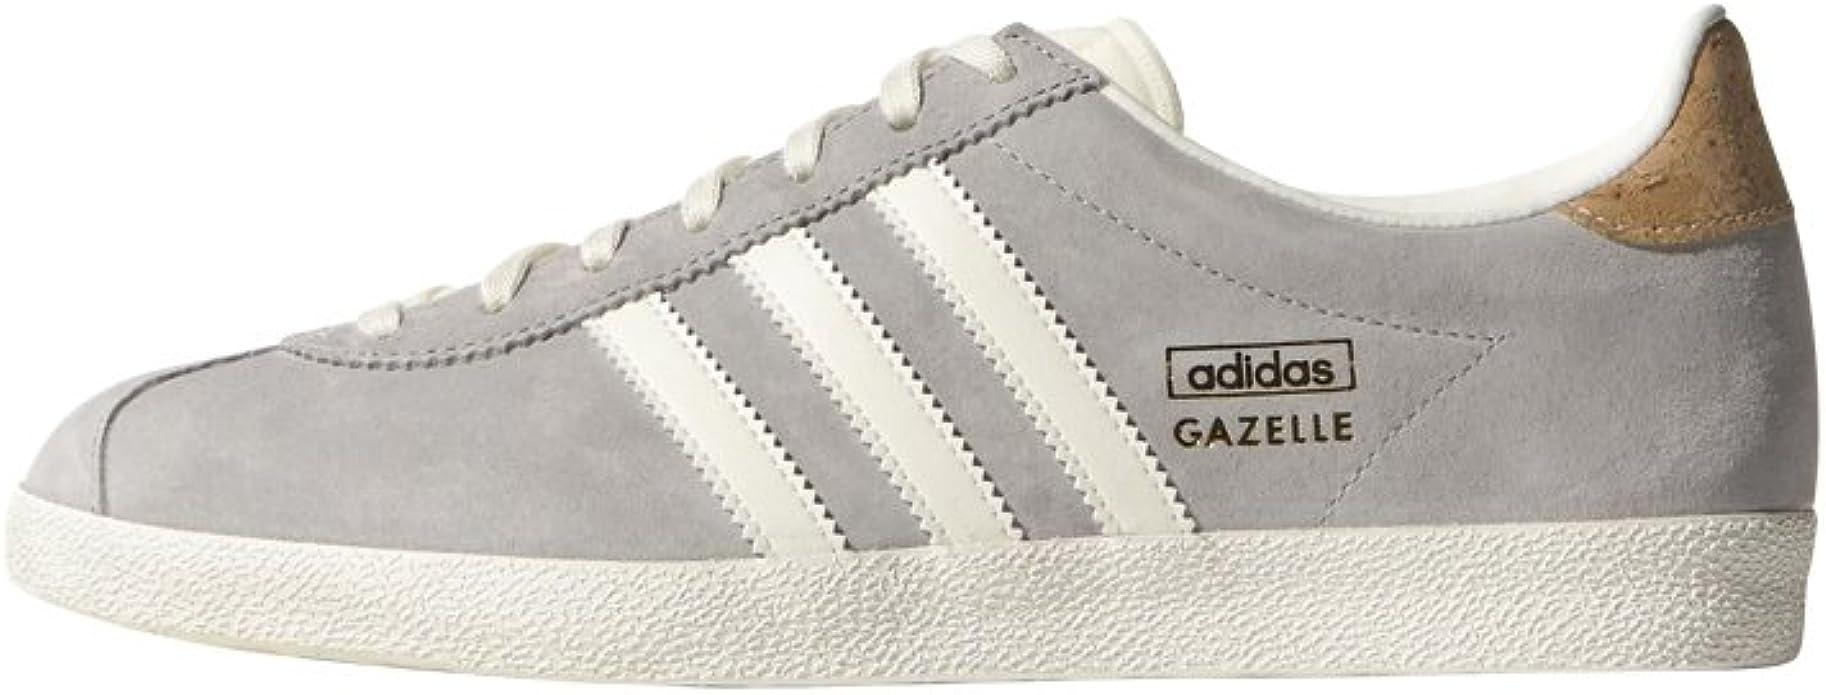 adidas Gazelle OG Gris/Liege : Amazon.fr: Chaussures et Sacs